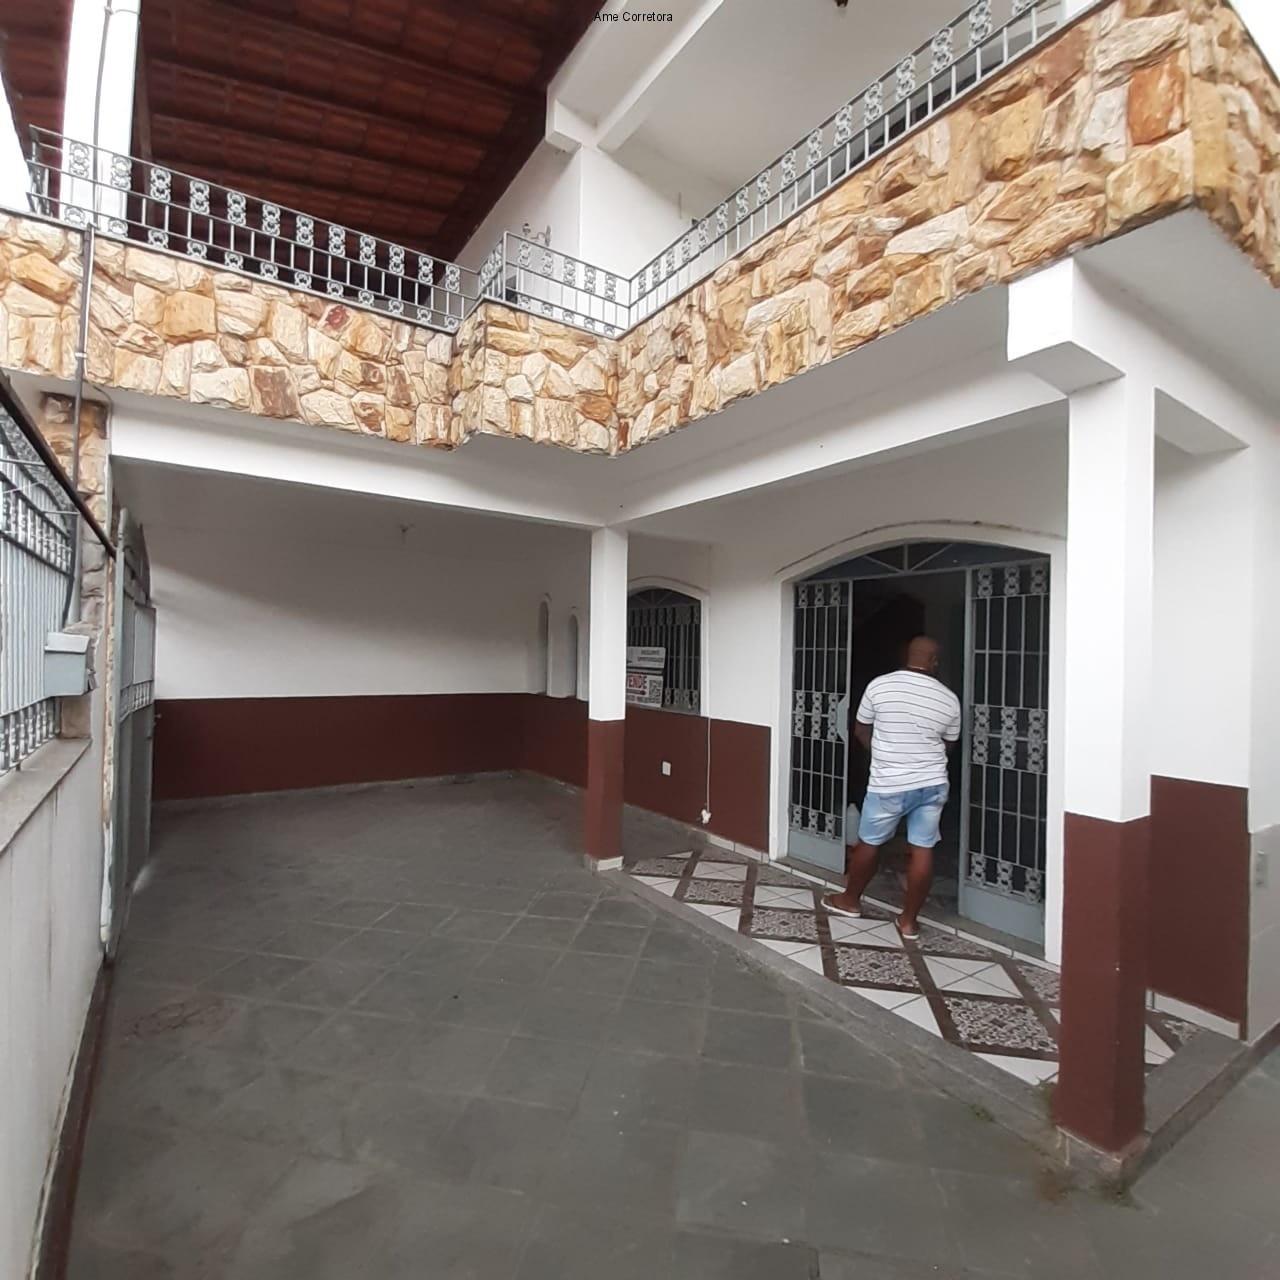 FOTO 11 - Casa 3 quartos à venda Campo Grande, Rio de Janeiro - R$ 370.000 - CA00613 - 12